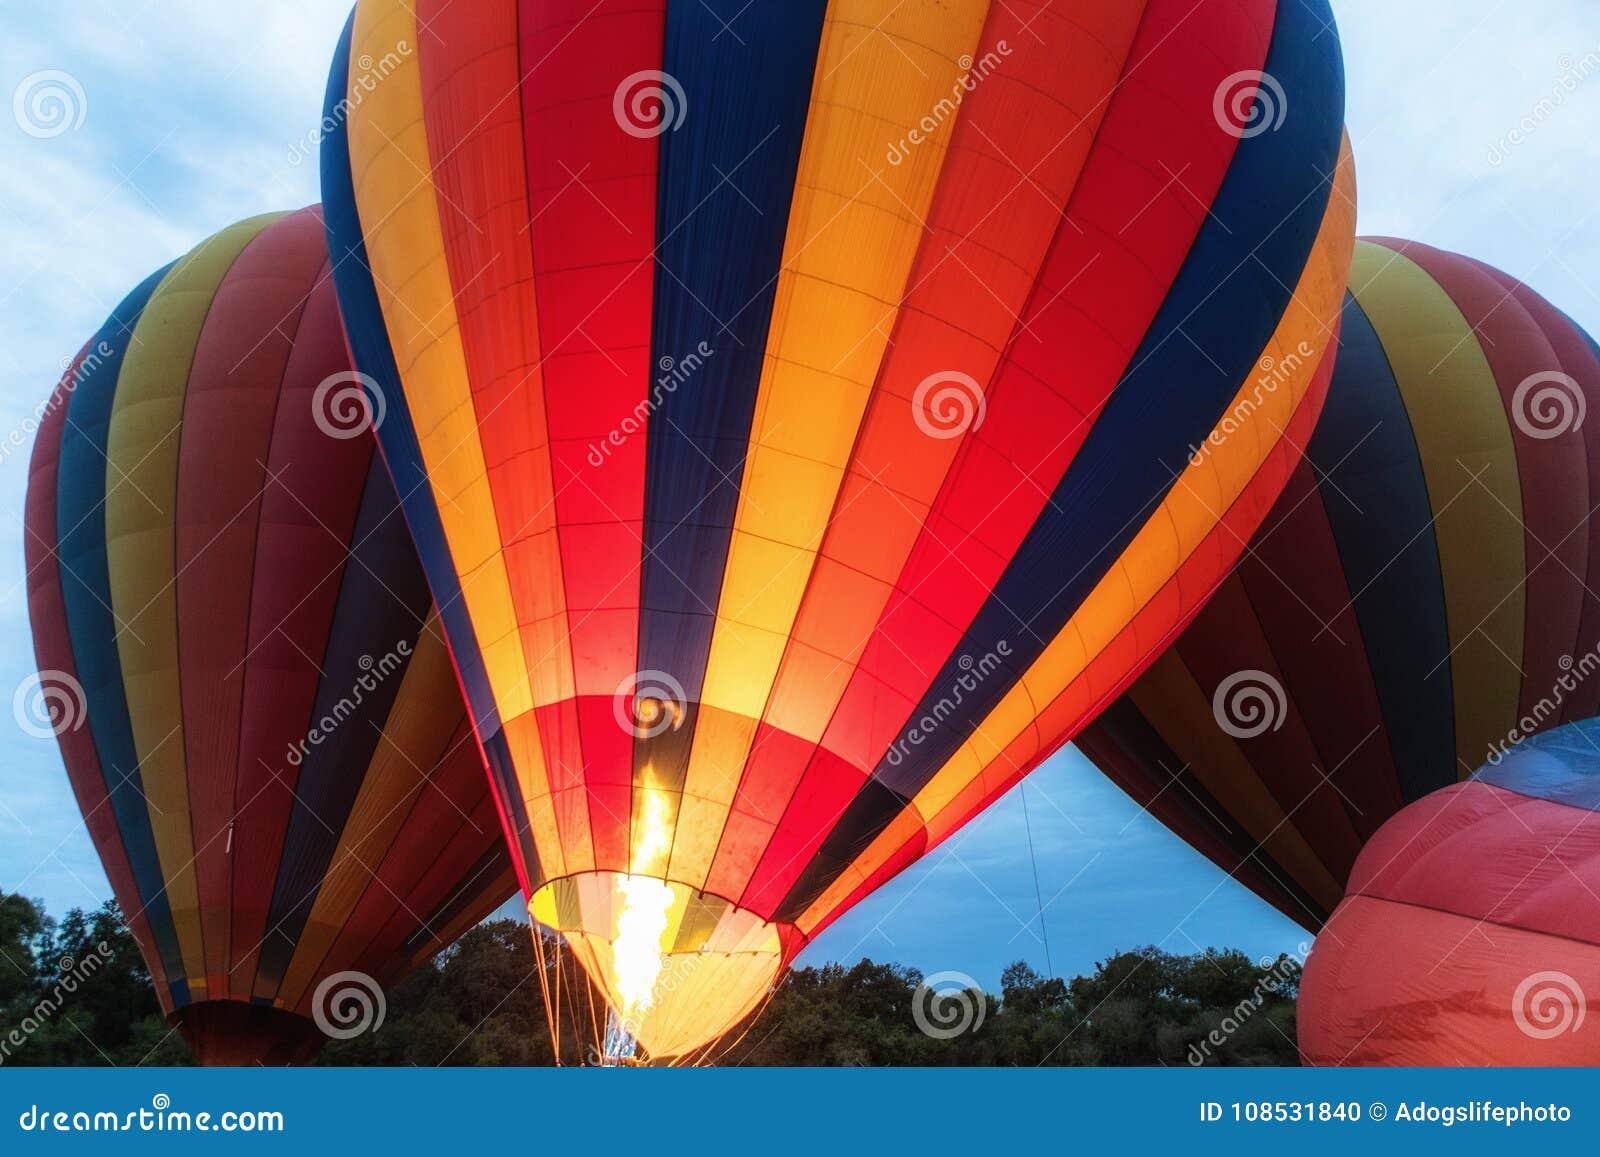 Balões de ar quente prontos para a decolagem